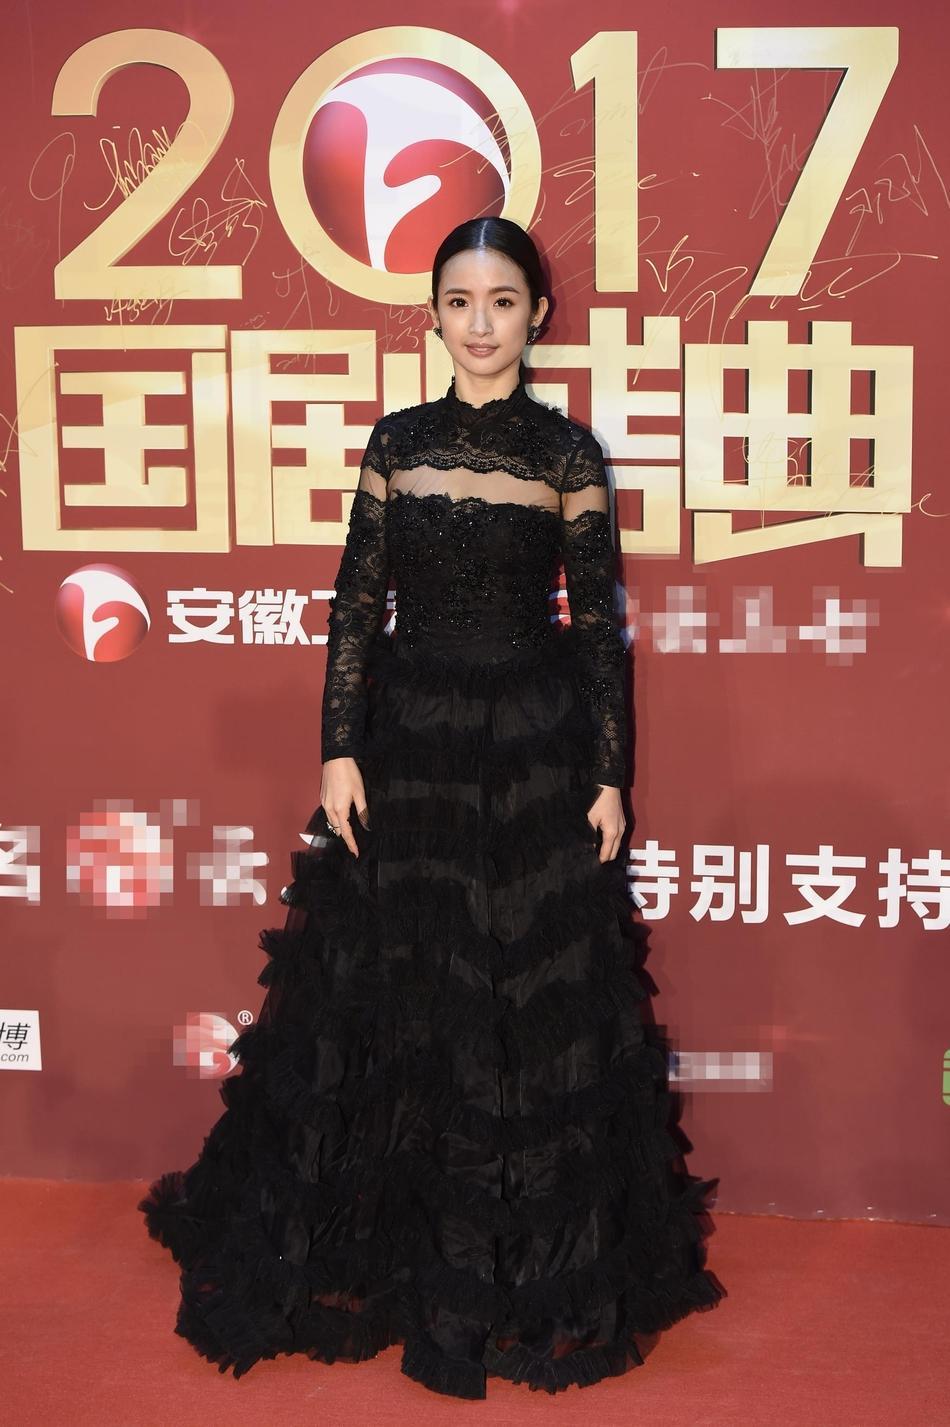 Lâm Y Thần bị chê kém sắc, mỹ nhân phim Kong nổi bật trên thảm đỏ-2